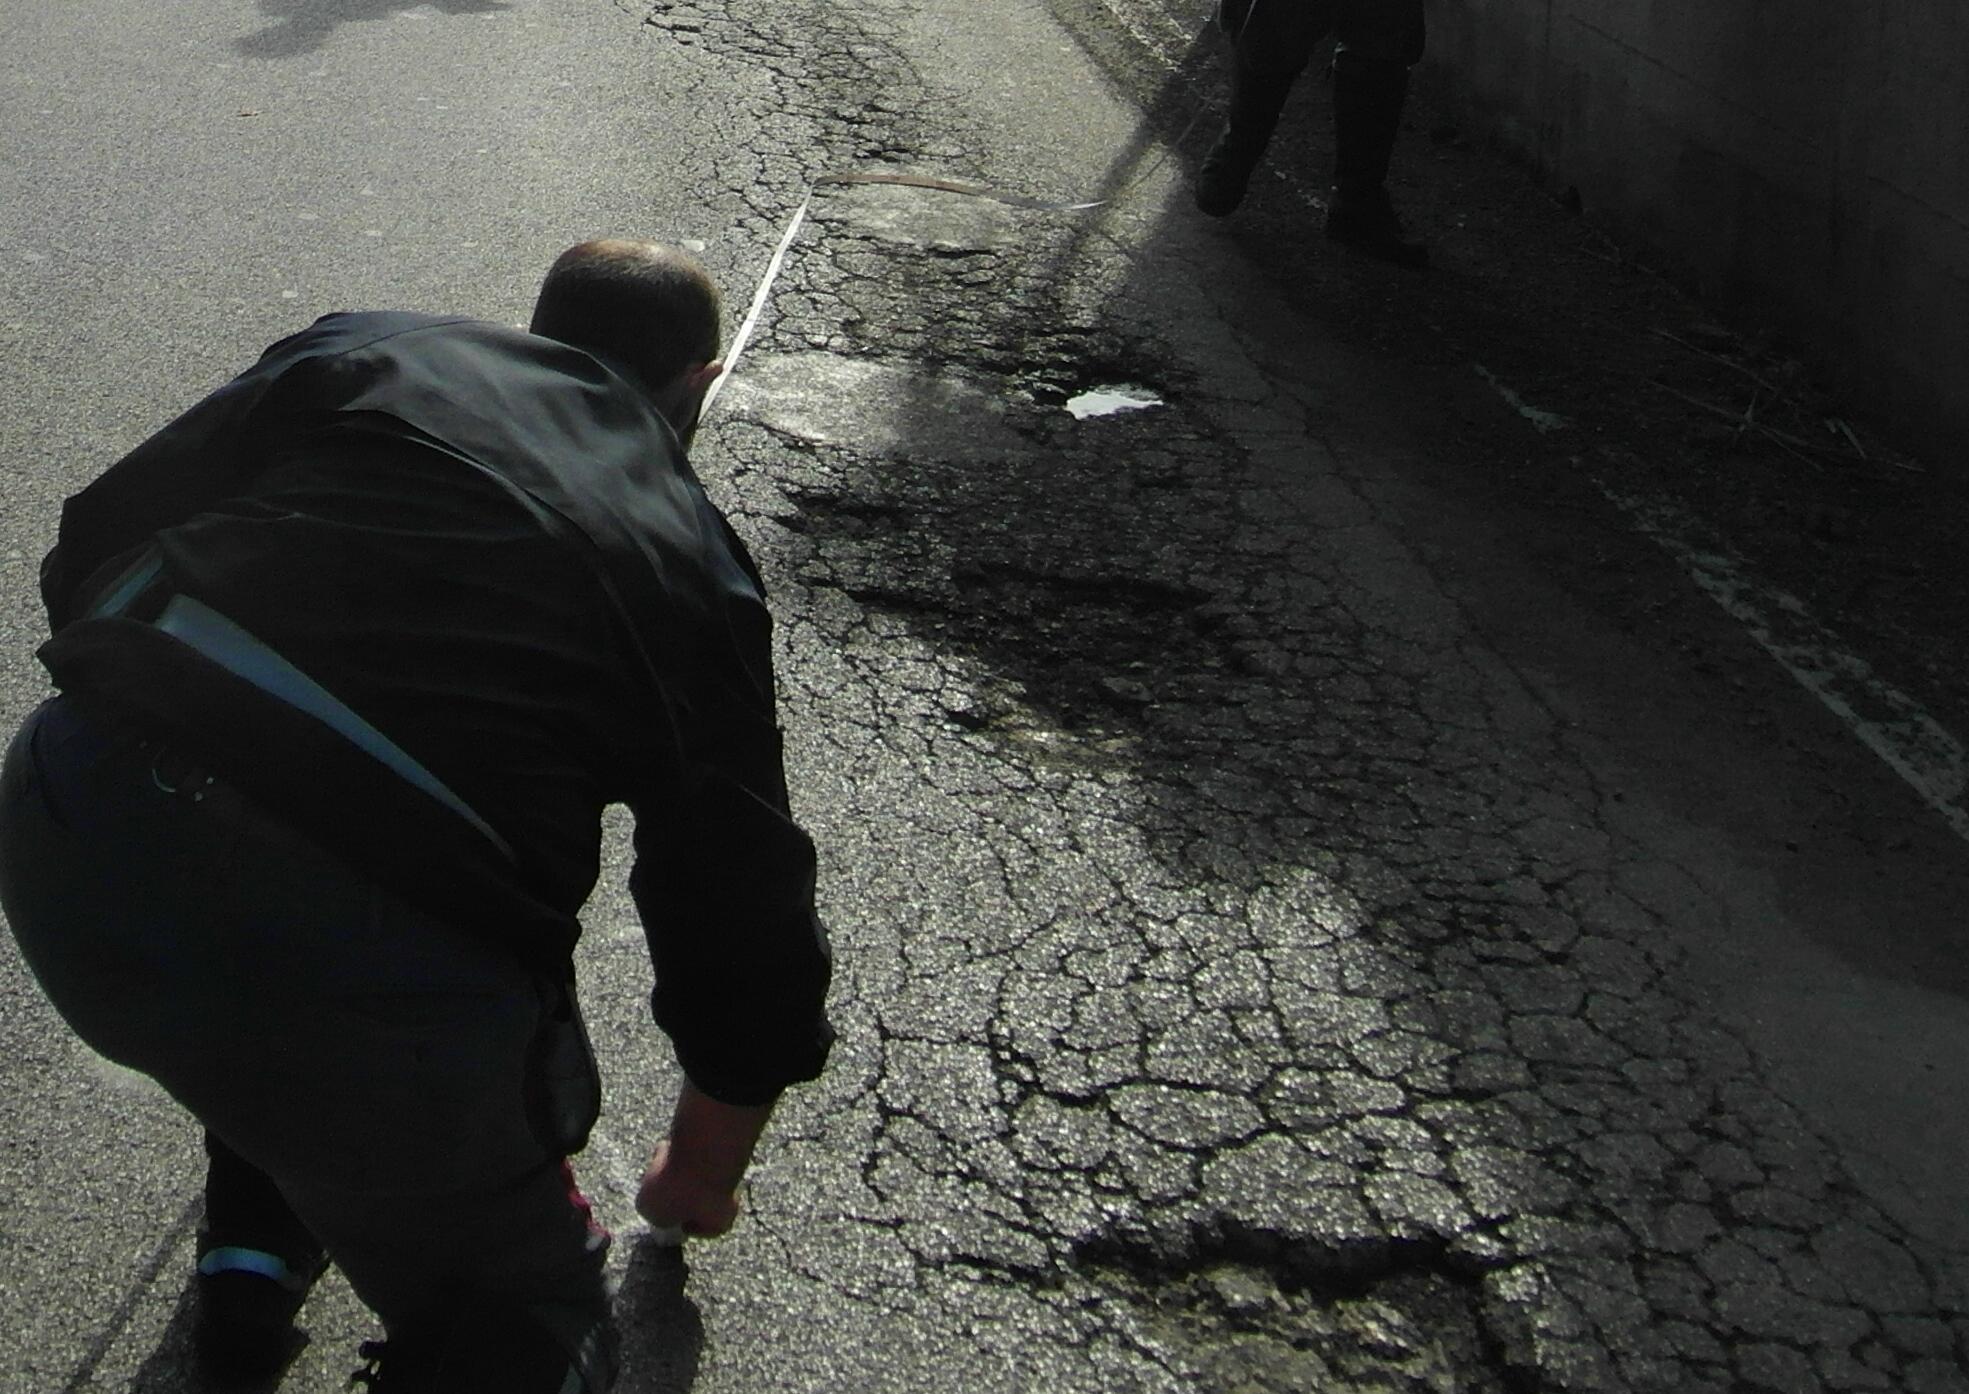 Le buche in via Sgambati durante i rilievi seguiti all'incidente che è costato la vita a Maurizio Foglia